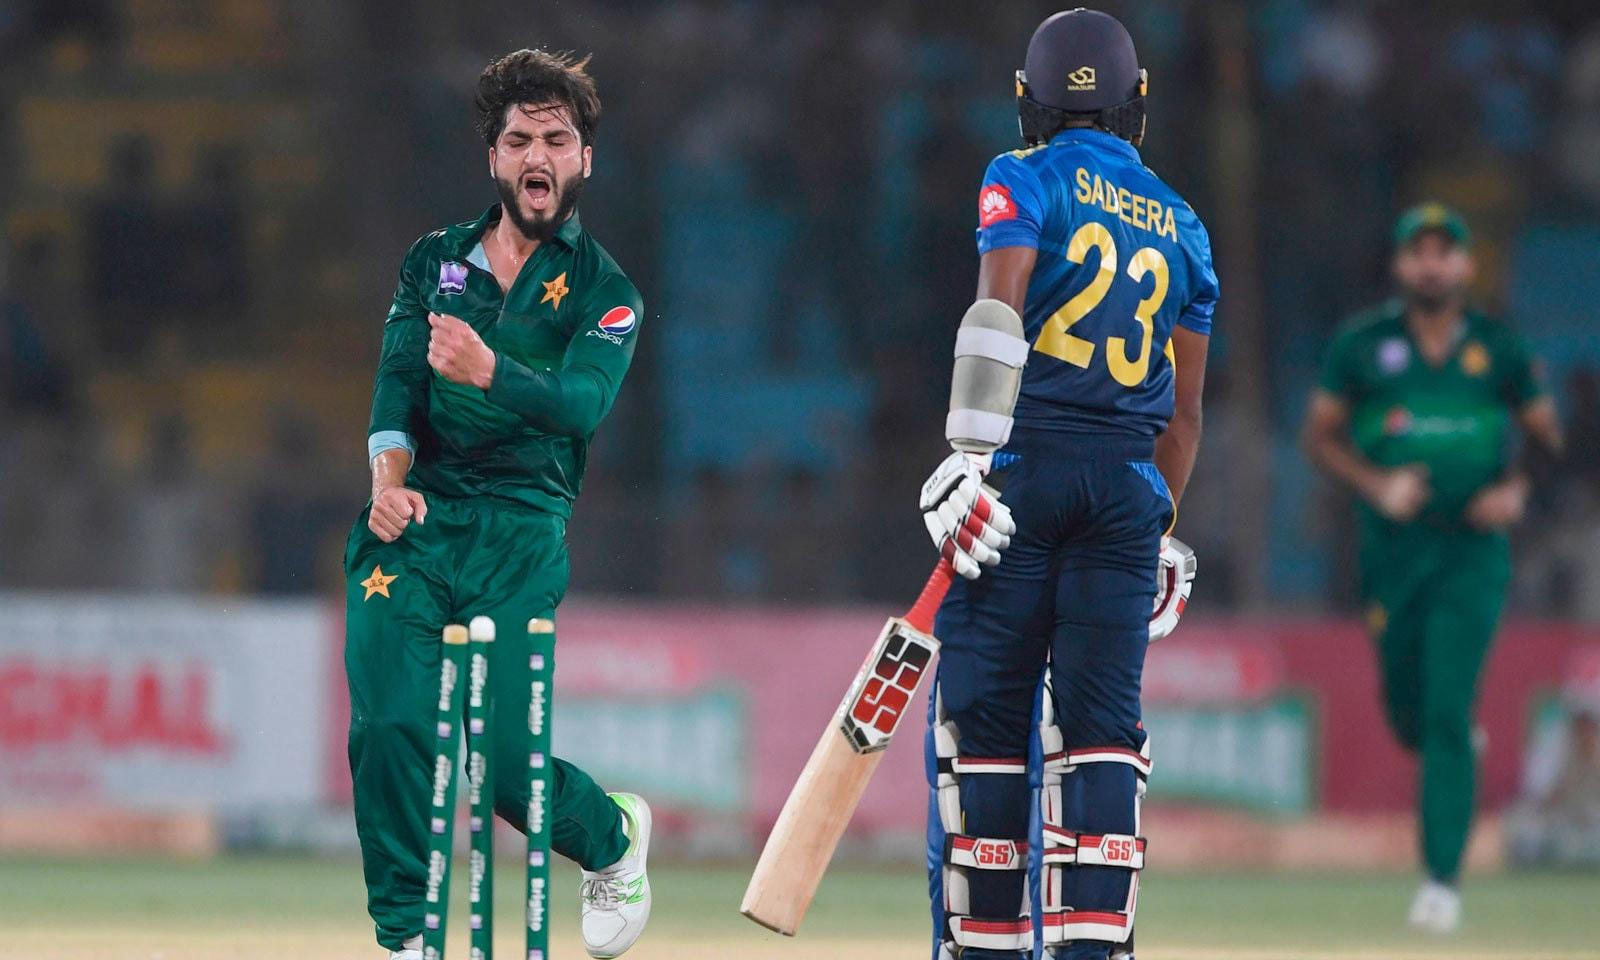 عثمان خان شنواری نے عمدہ باؤلنگ کرتے ہوئے 5 وکٹیں حاصل کیں— فوٹو: اے ایف پی